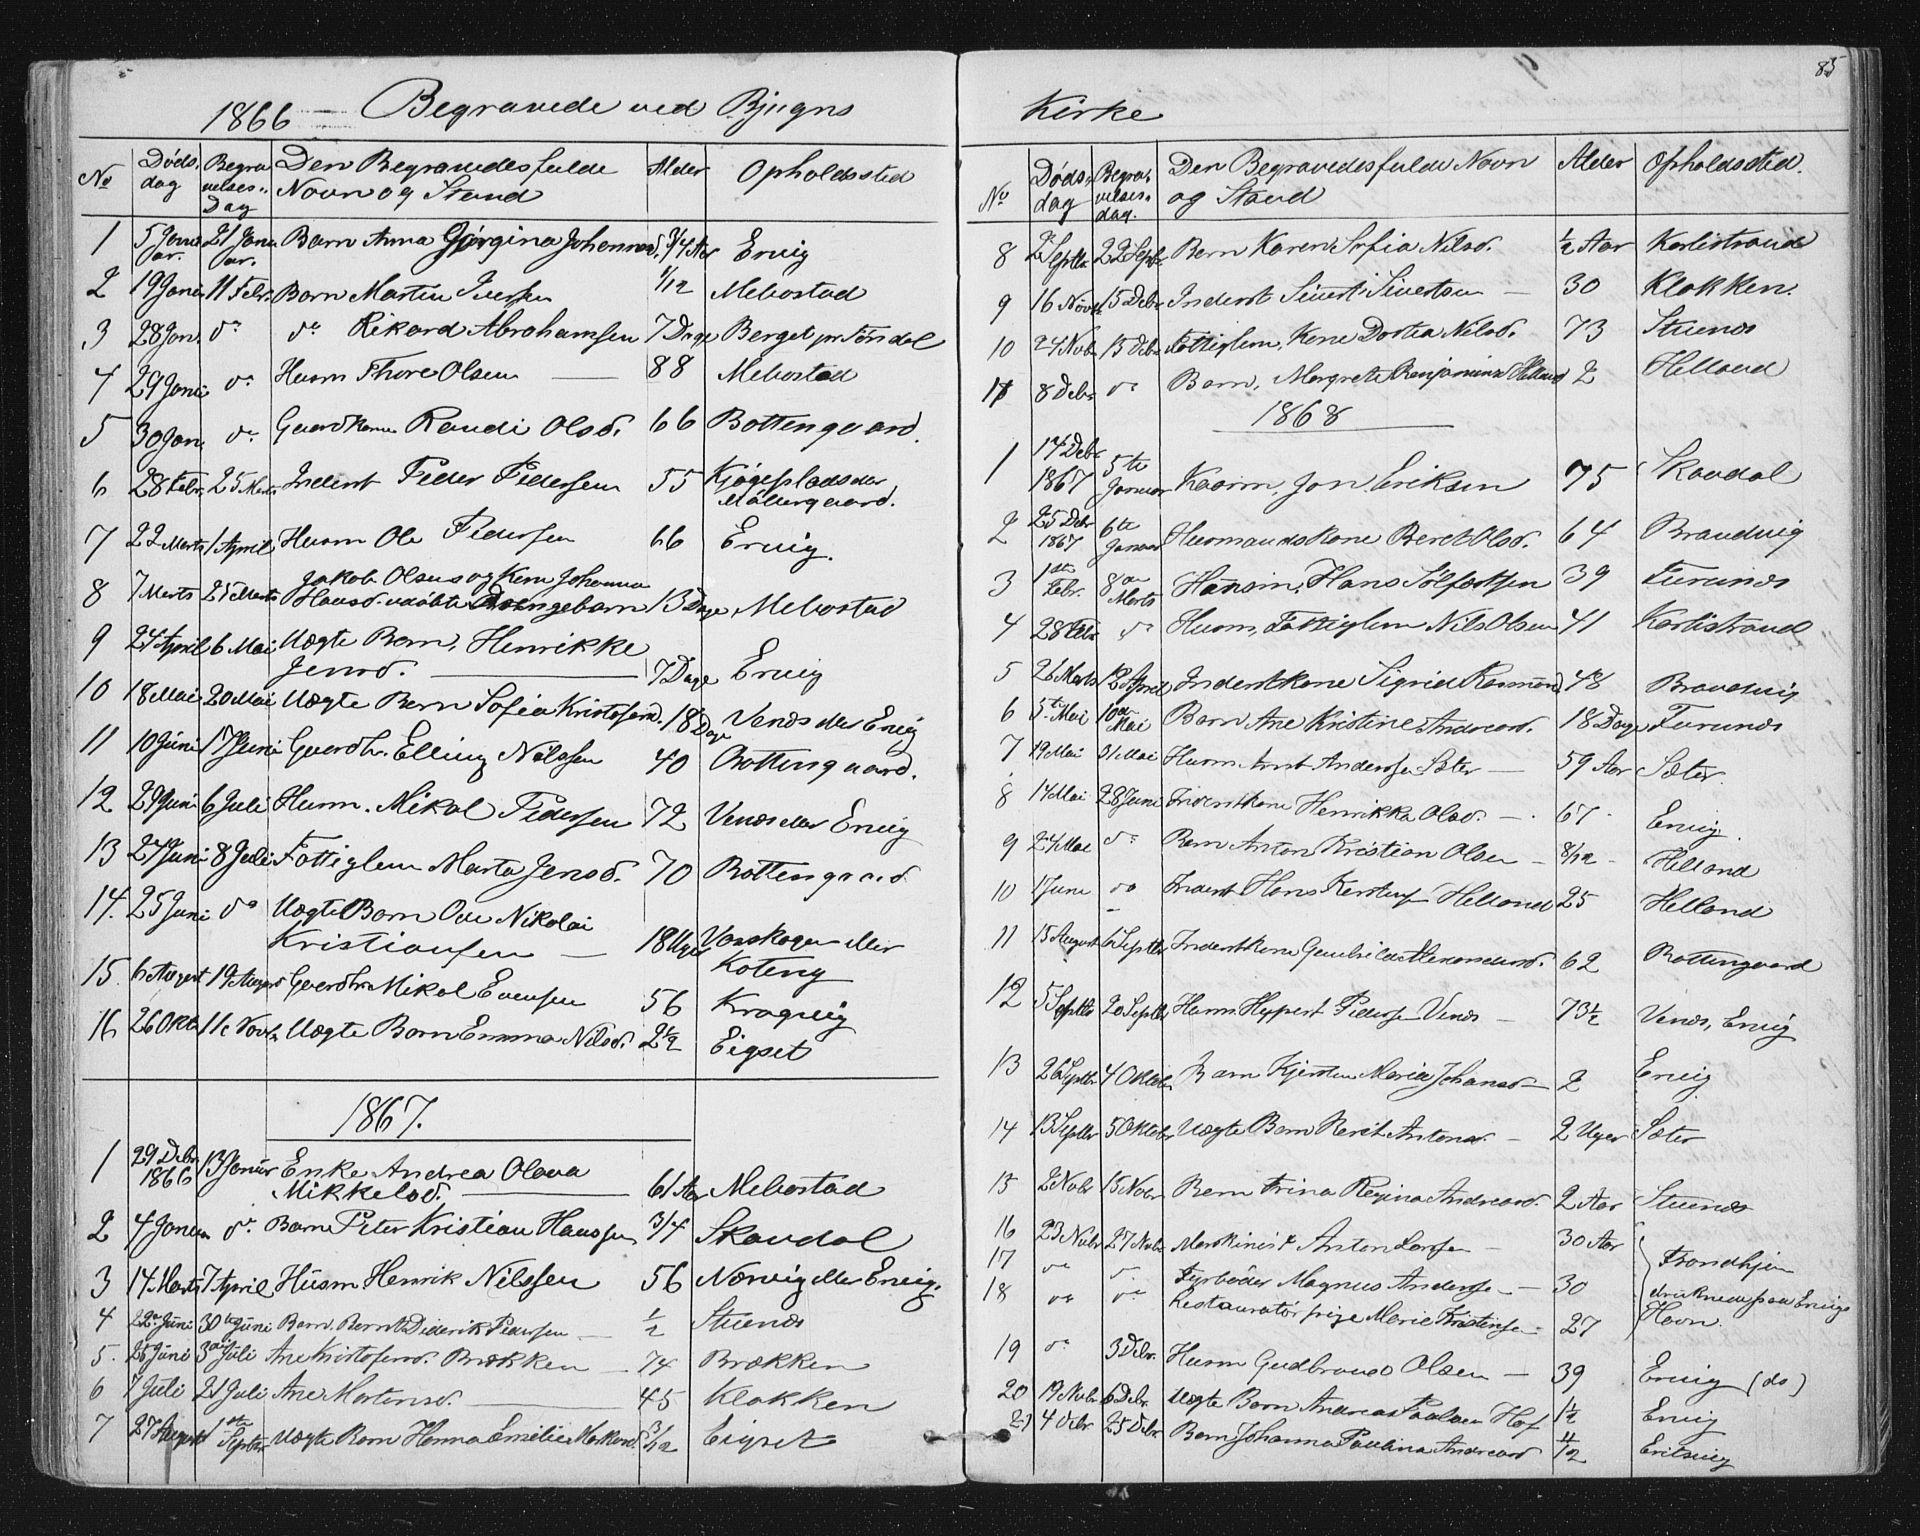 SAT, Ministerialprotokoller, klokkerbøker og fødselsregistre - Sør-Trøndelag, 651/L0647: Klokkerbok nr. 651C01, 1866-1914, s. 85